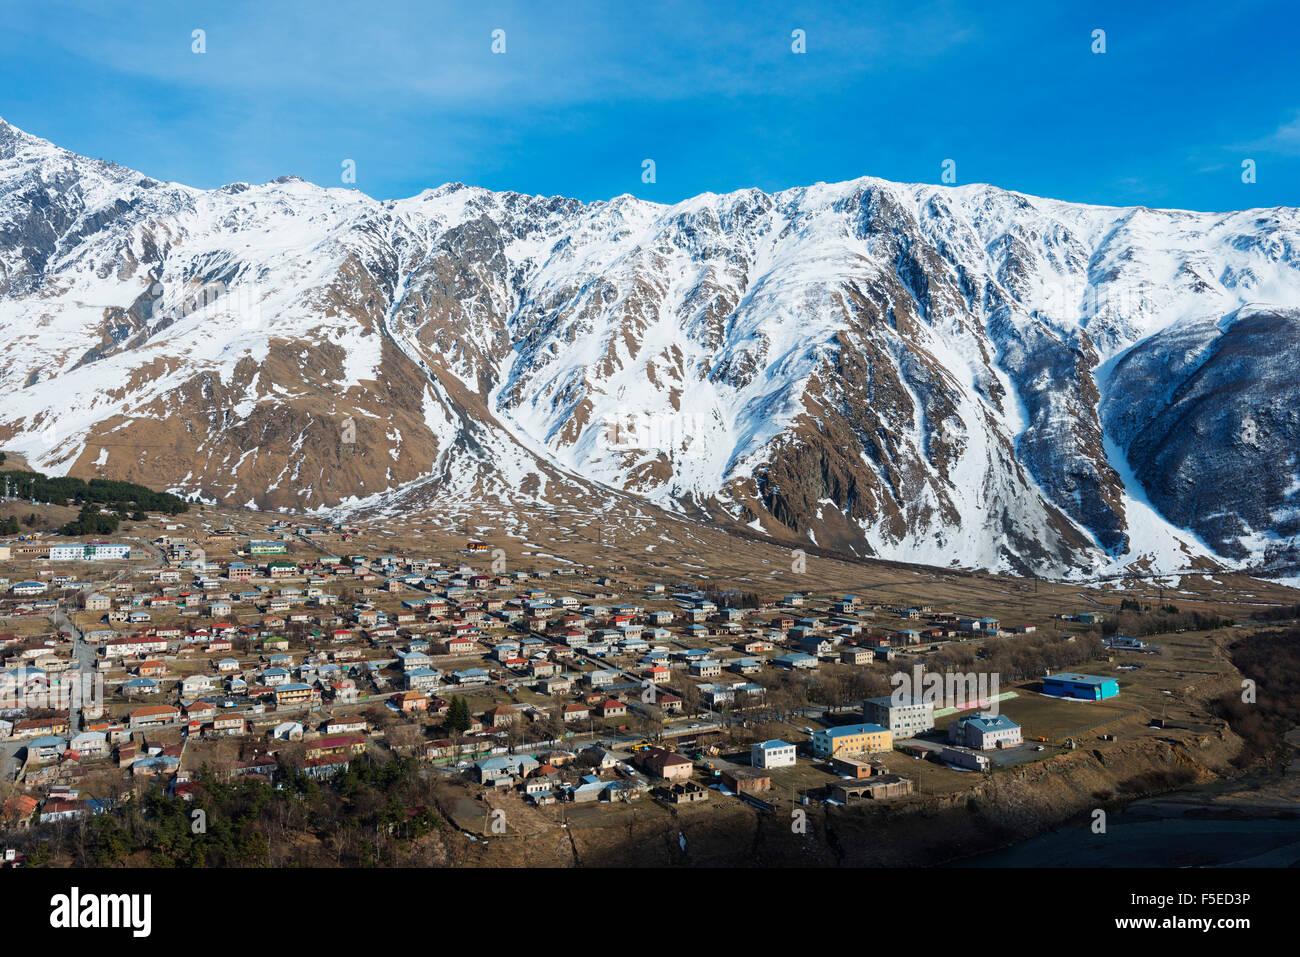 Stepantsminda, Kazbegi, Georgia, Caucasus region, Central Asia, Asia - Stock Image